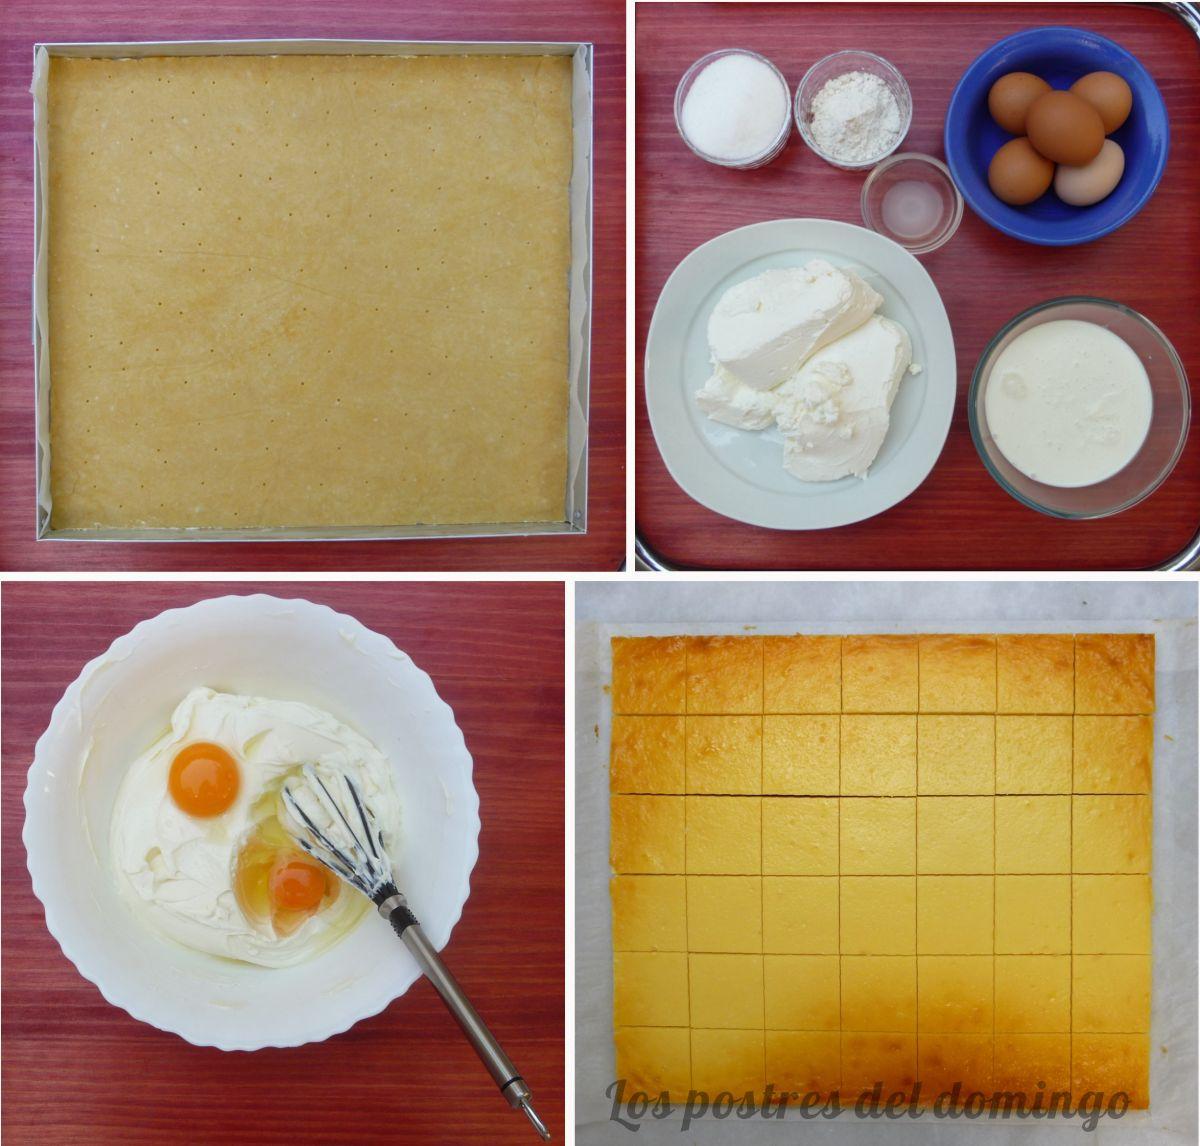 Cortados de queso y crema de limón ingred